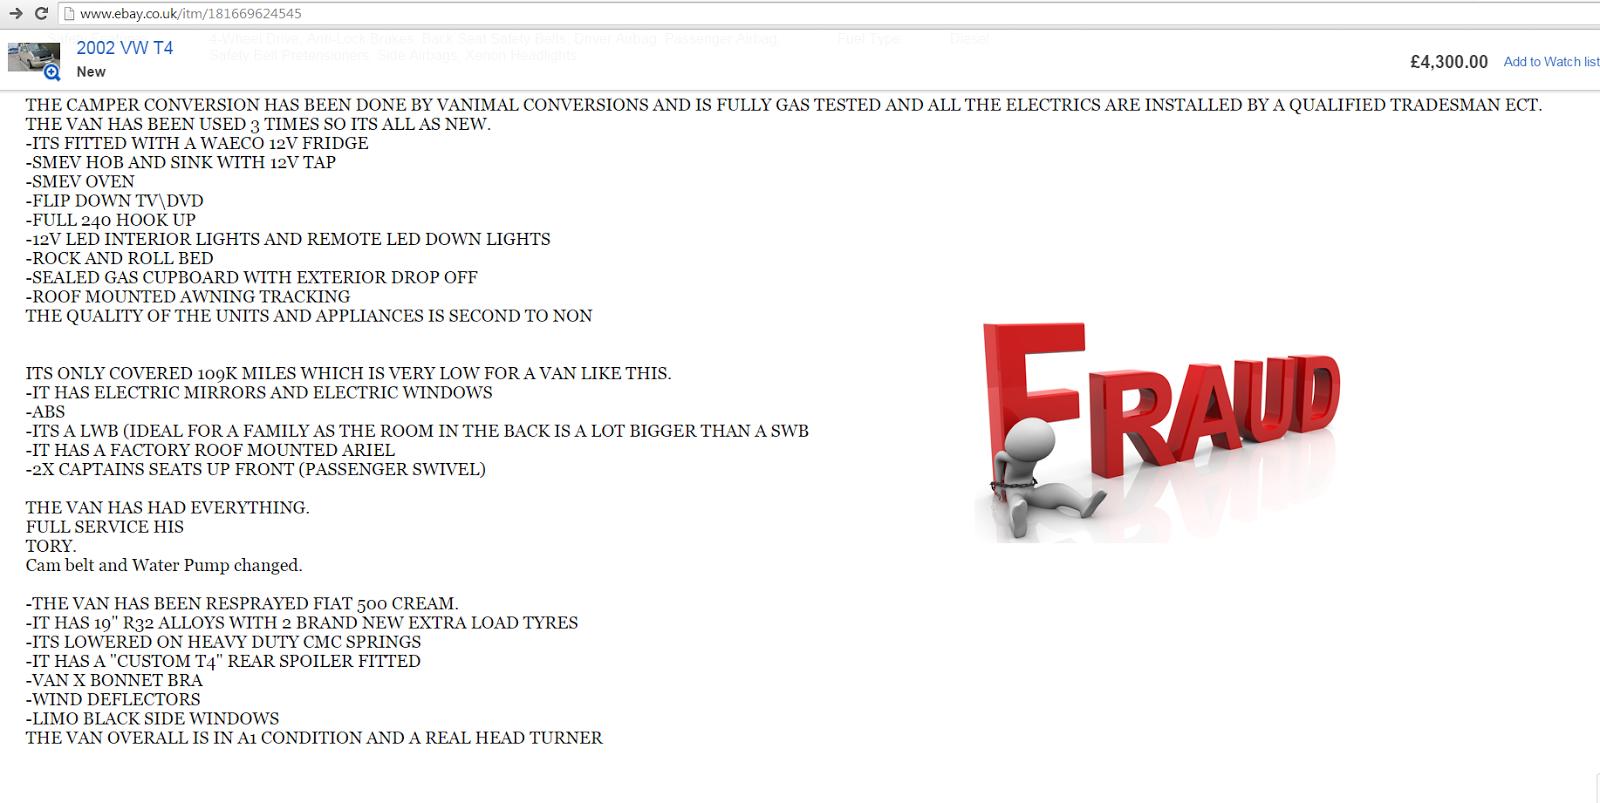 Ebay Scam Vw T4 Campervan Beige Me02ycf Fraud Me02 Ycf 18 Feb 15 Jack Buster Jack